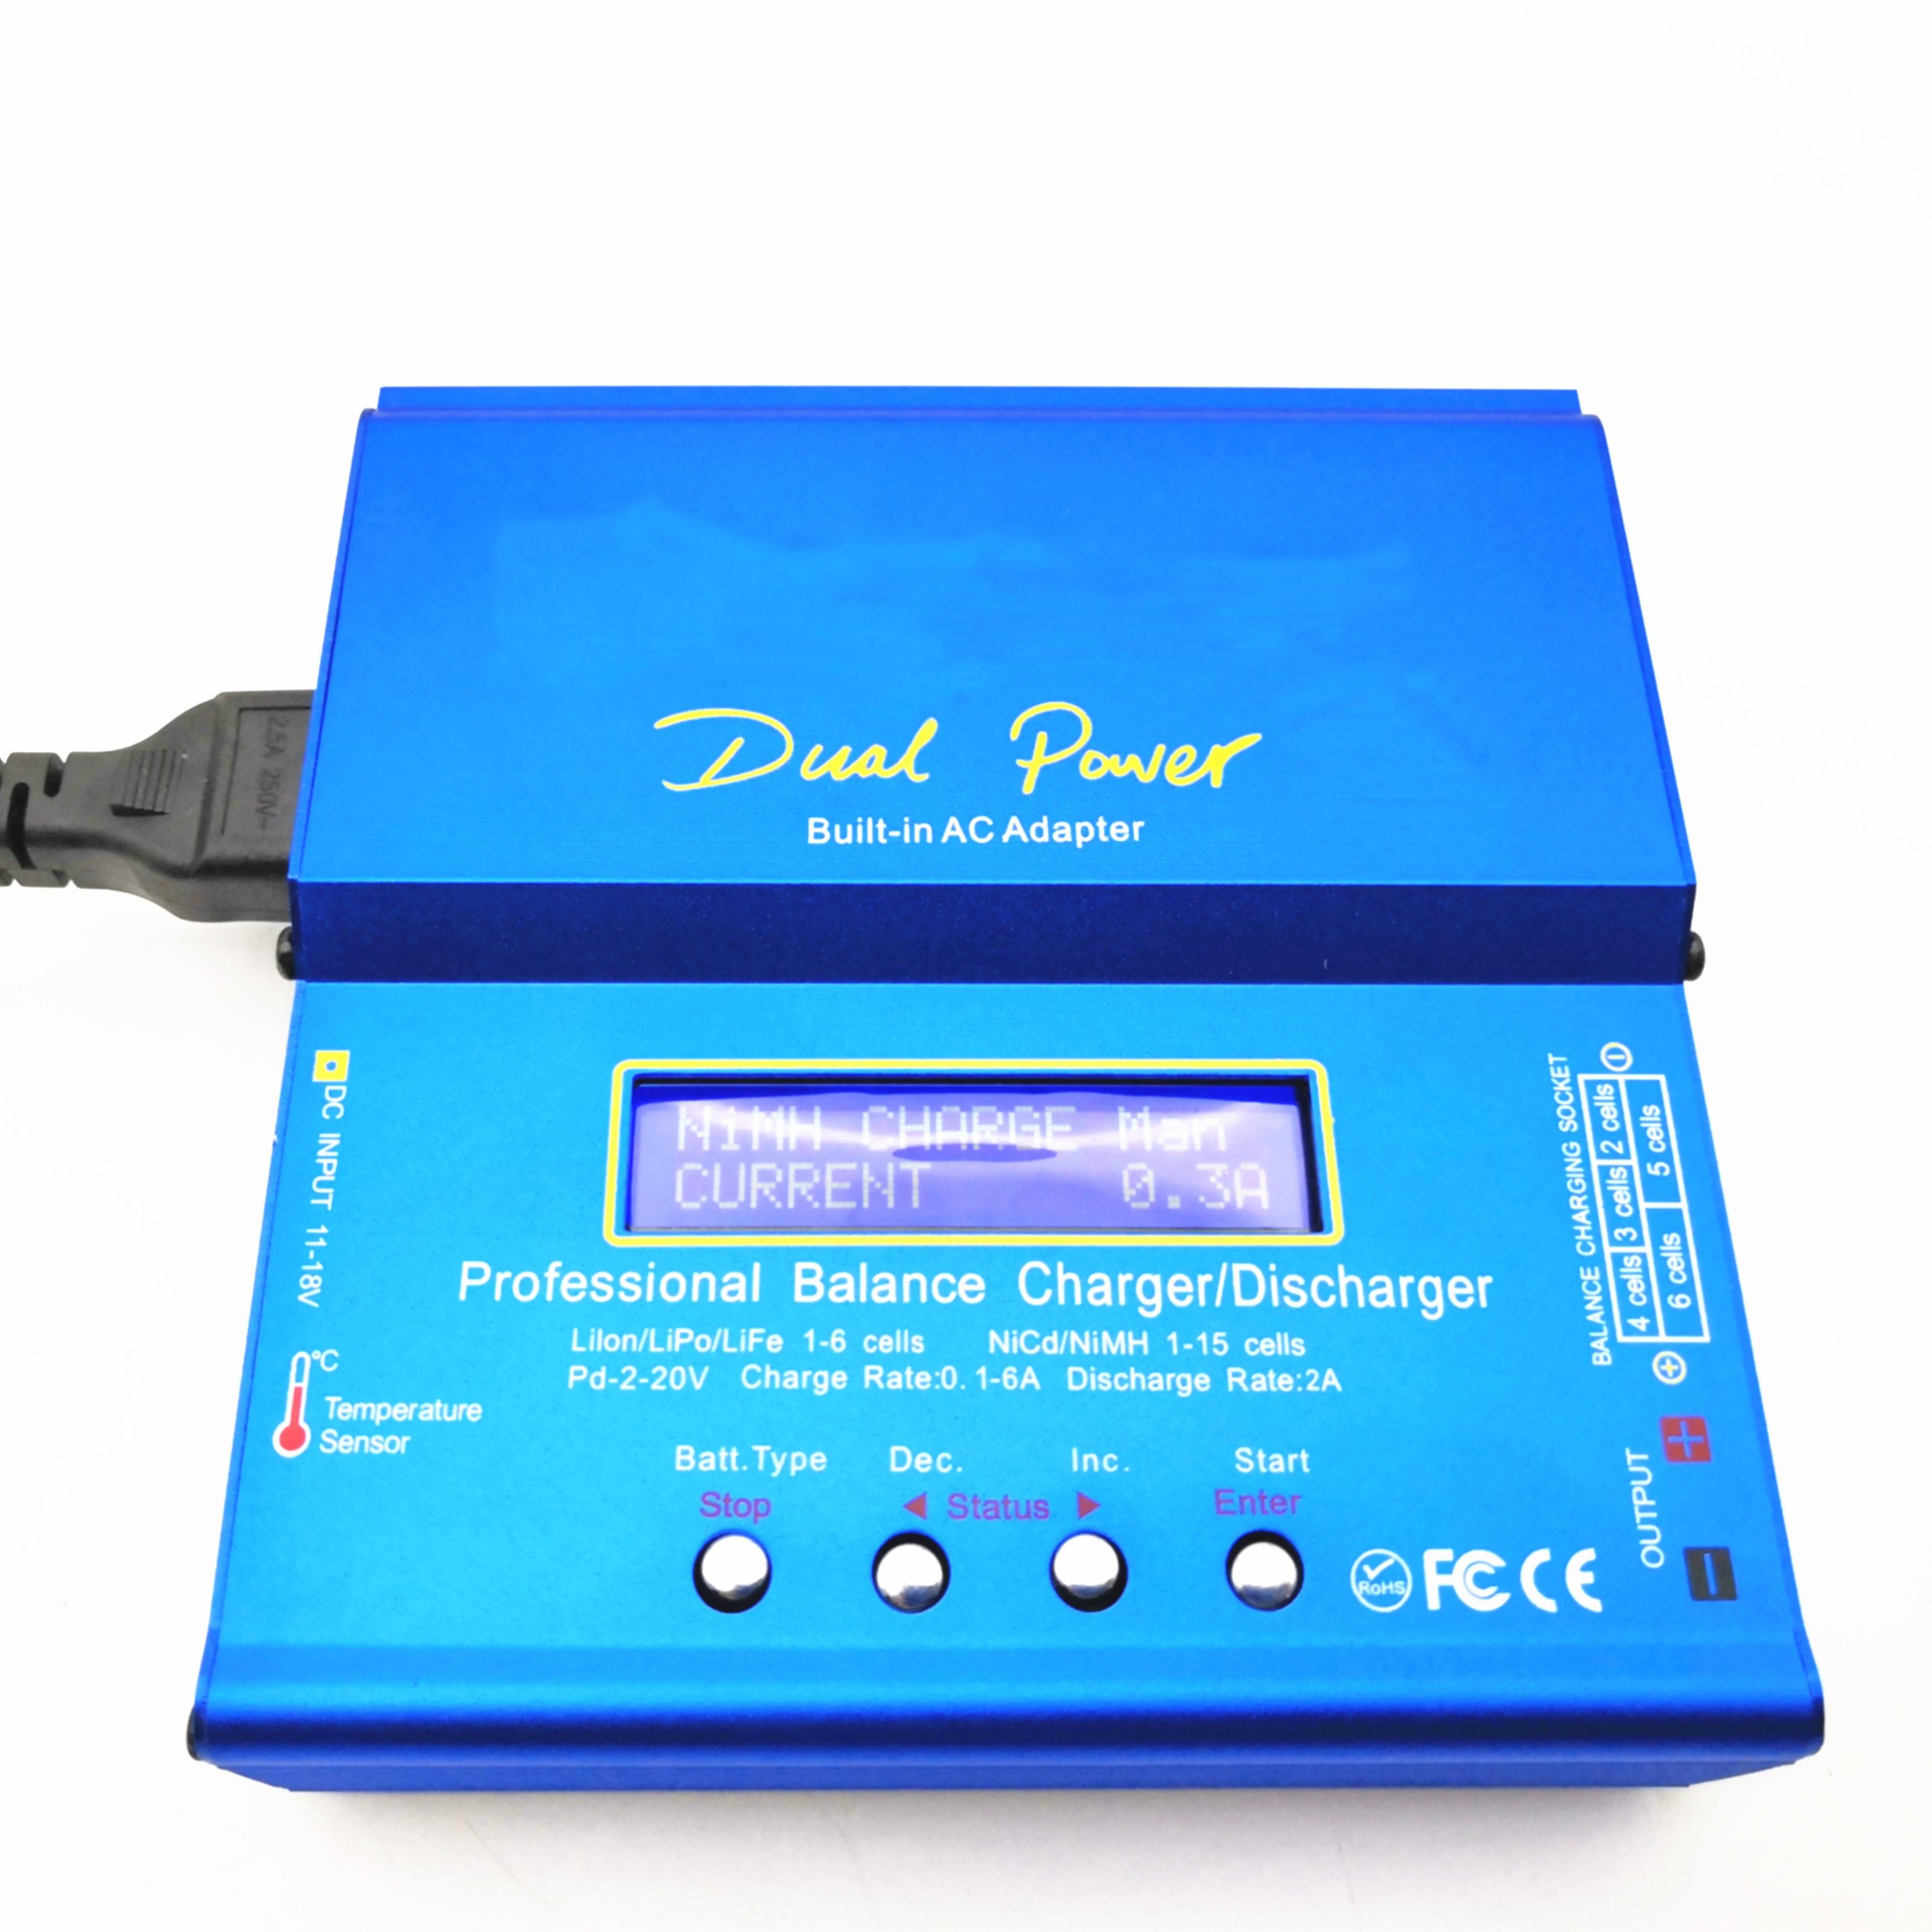 Professionelle Ausgewogene Ladegerät Entlader für hybrid Ni-Mh Li-Ion batterie Individuelle Zelle Modul niedrigen spannung, der up ladegerät